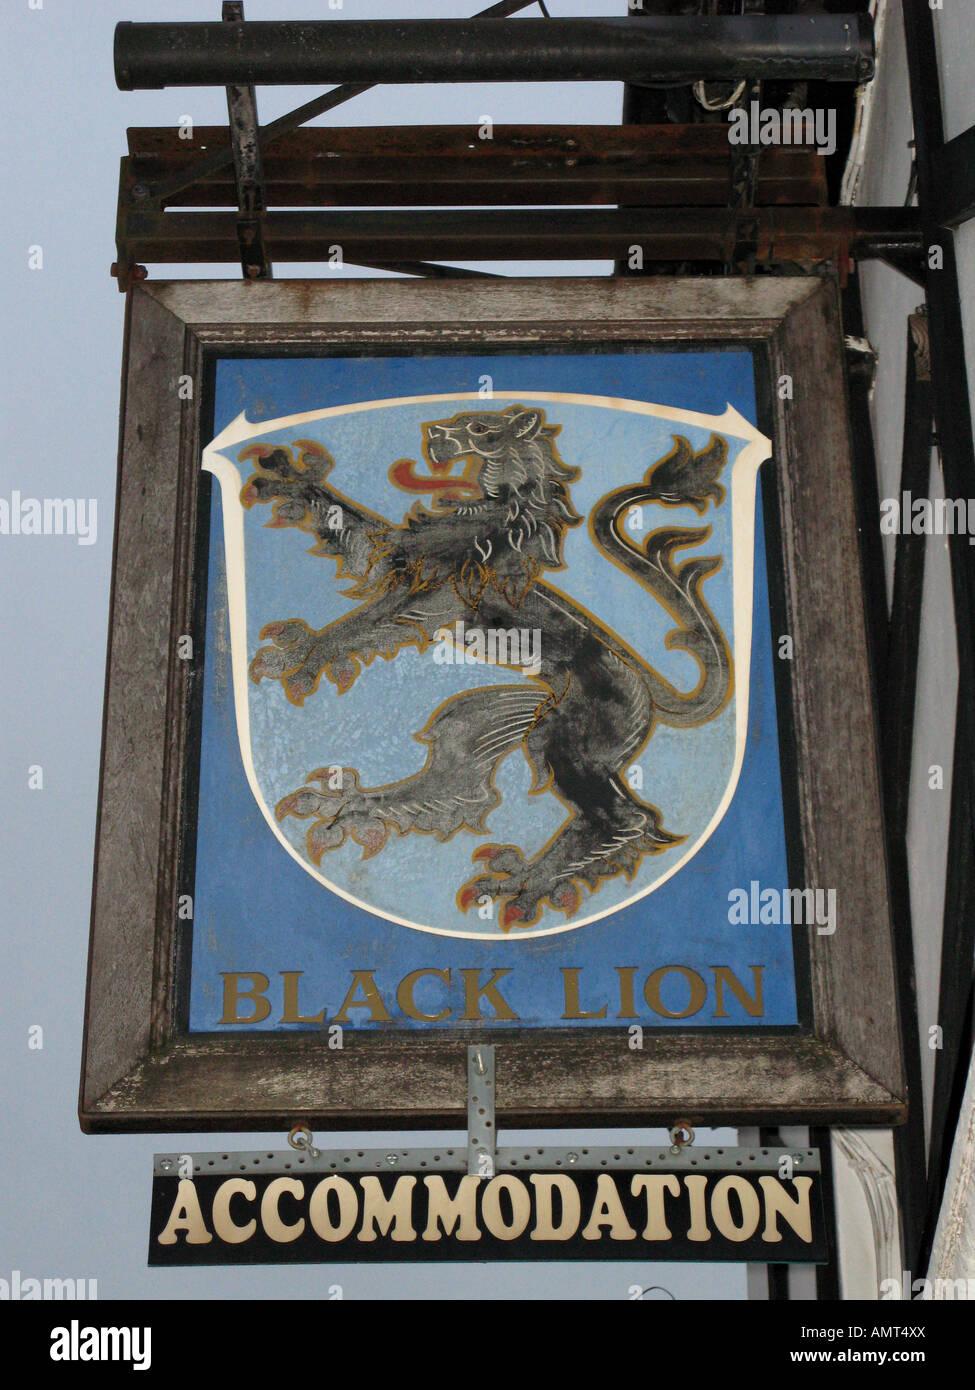 The Black Lion Public House - Stock Image